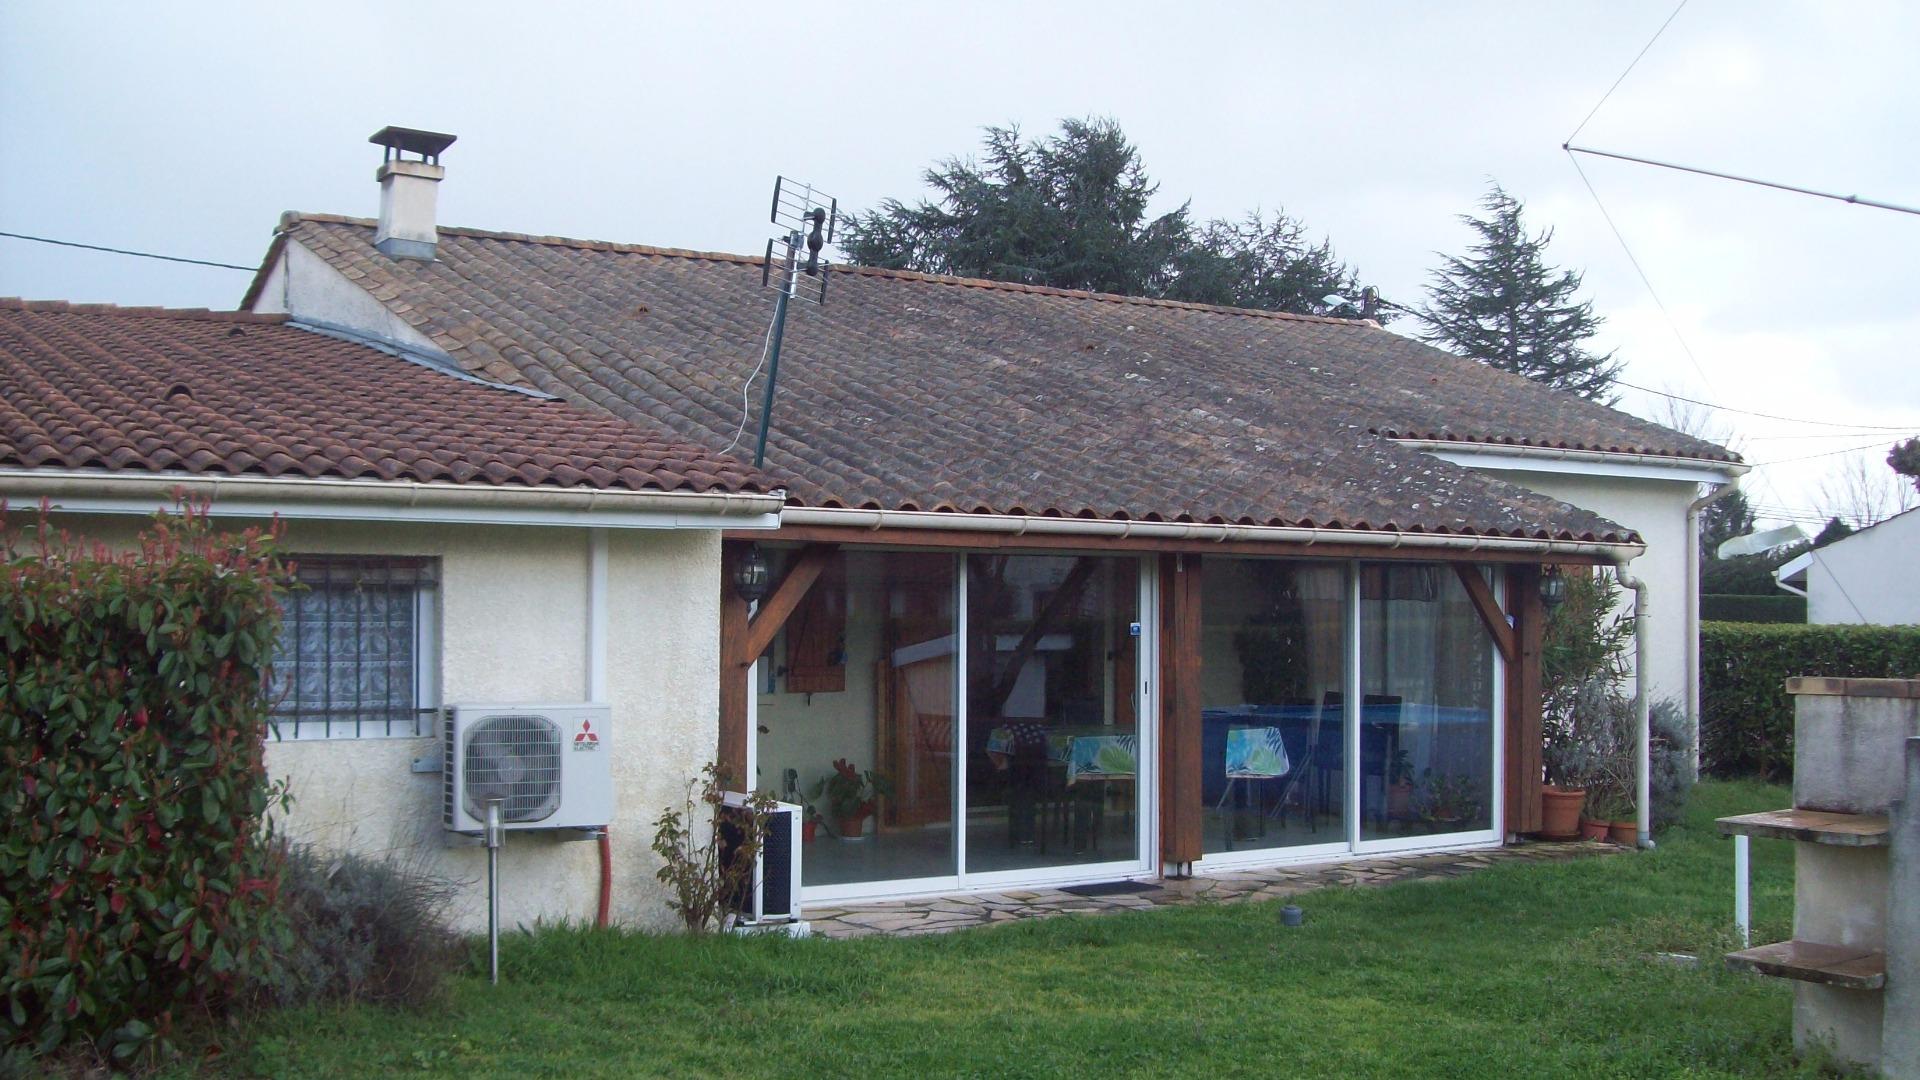 Maison à vendre en viager occupé à IZON